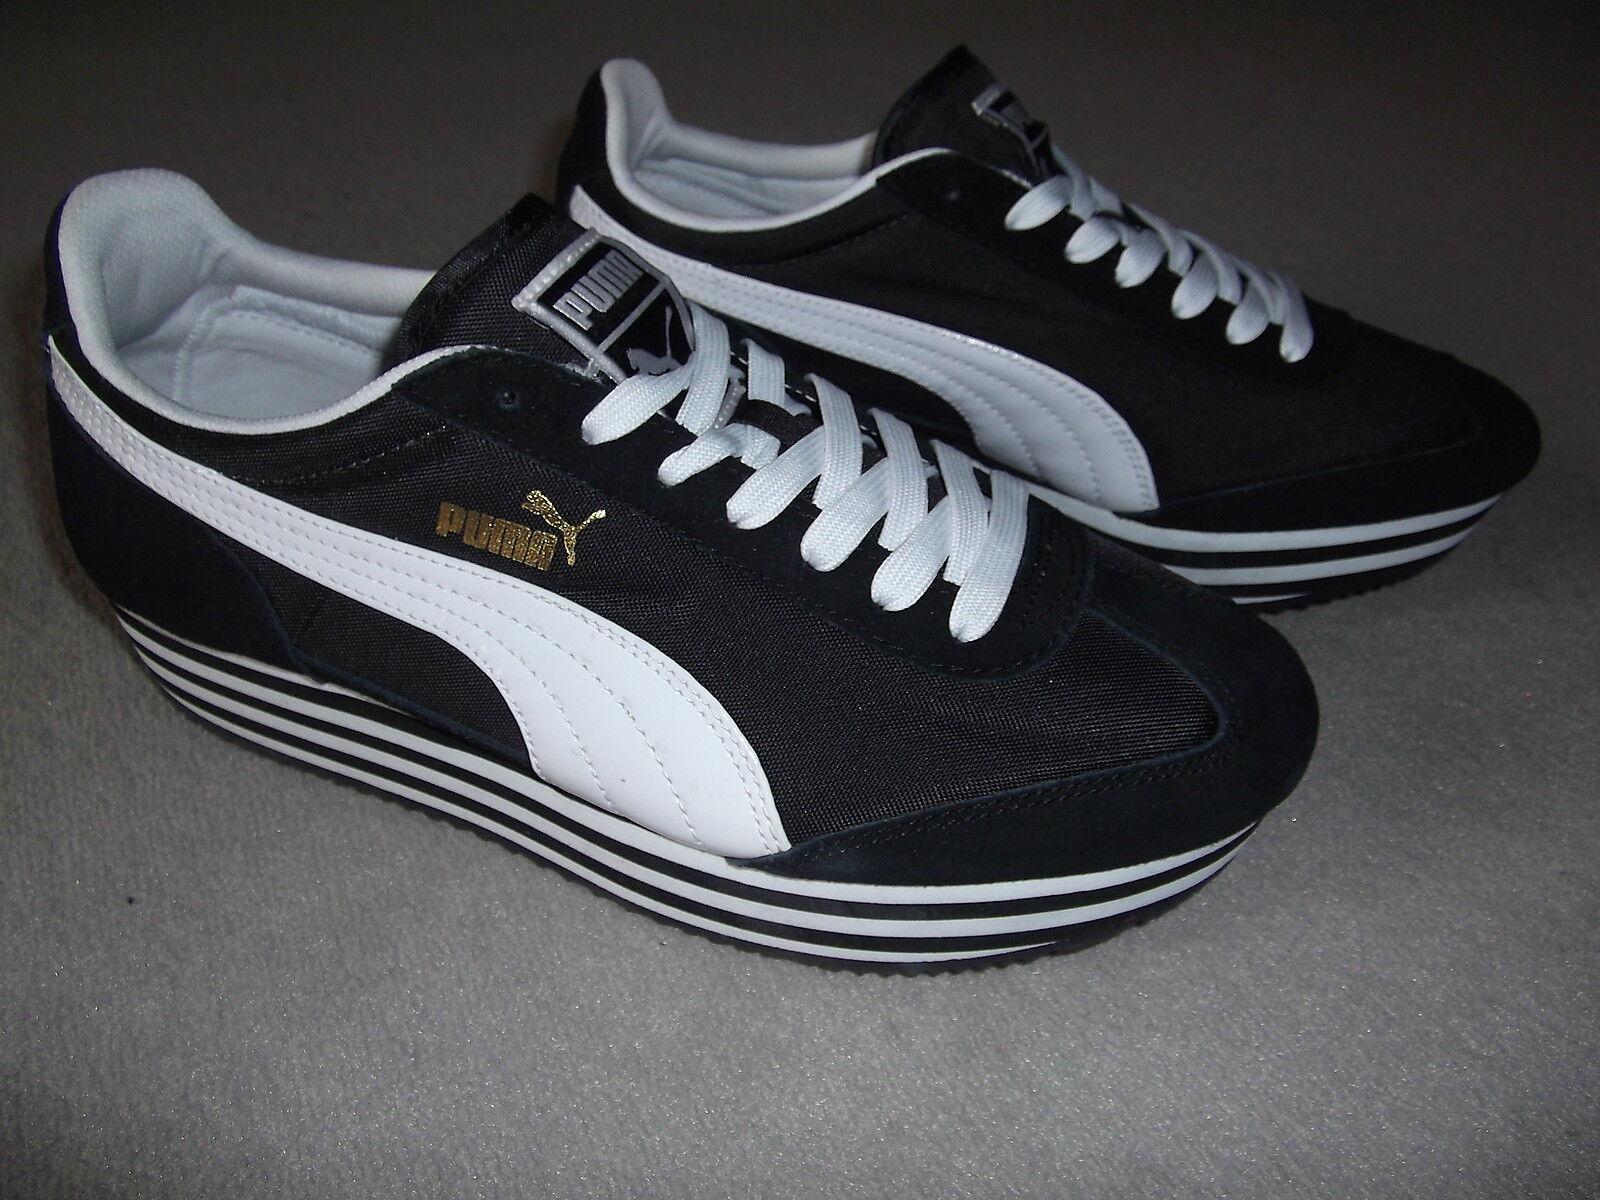 NEU MARKEN 40 Schuhe Sportschuhe Sneaker PUMA ECO ORTHLITE 40 MARKEN 6,5 Damen 893091